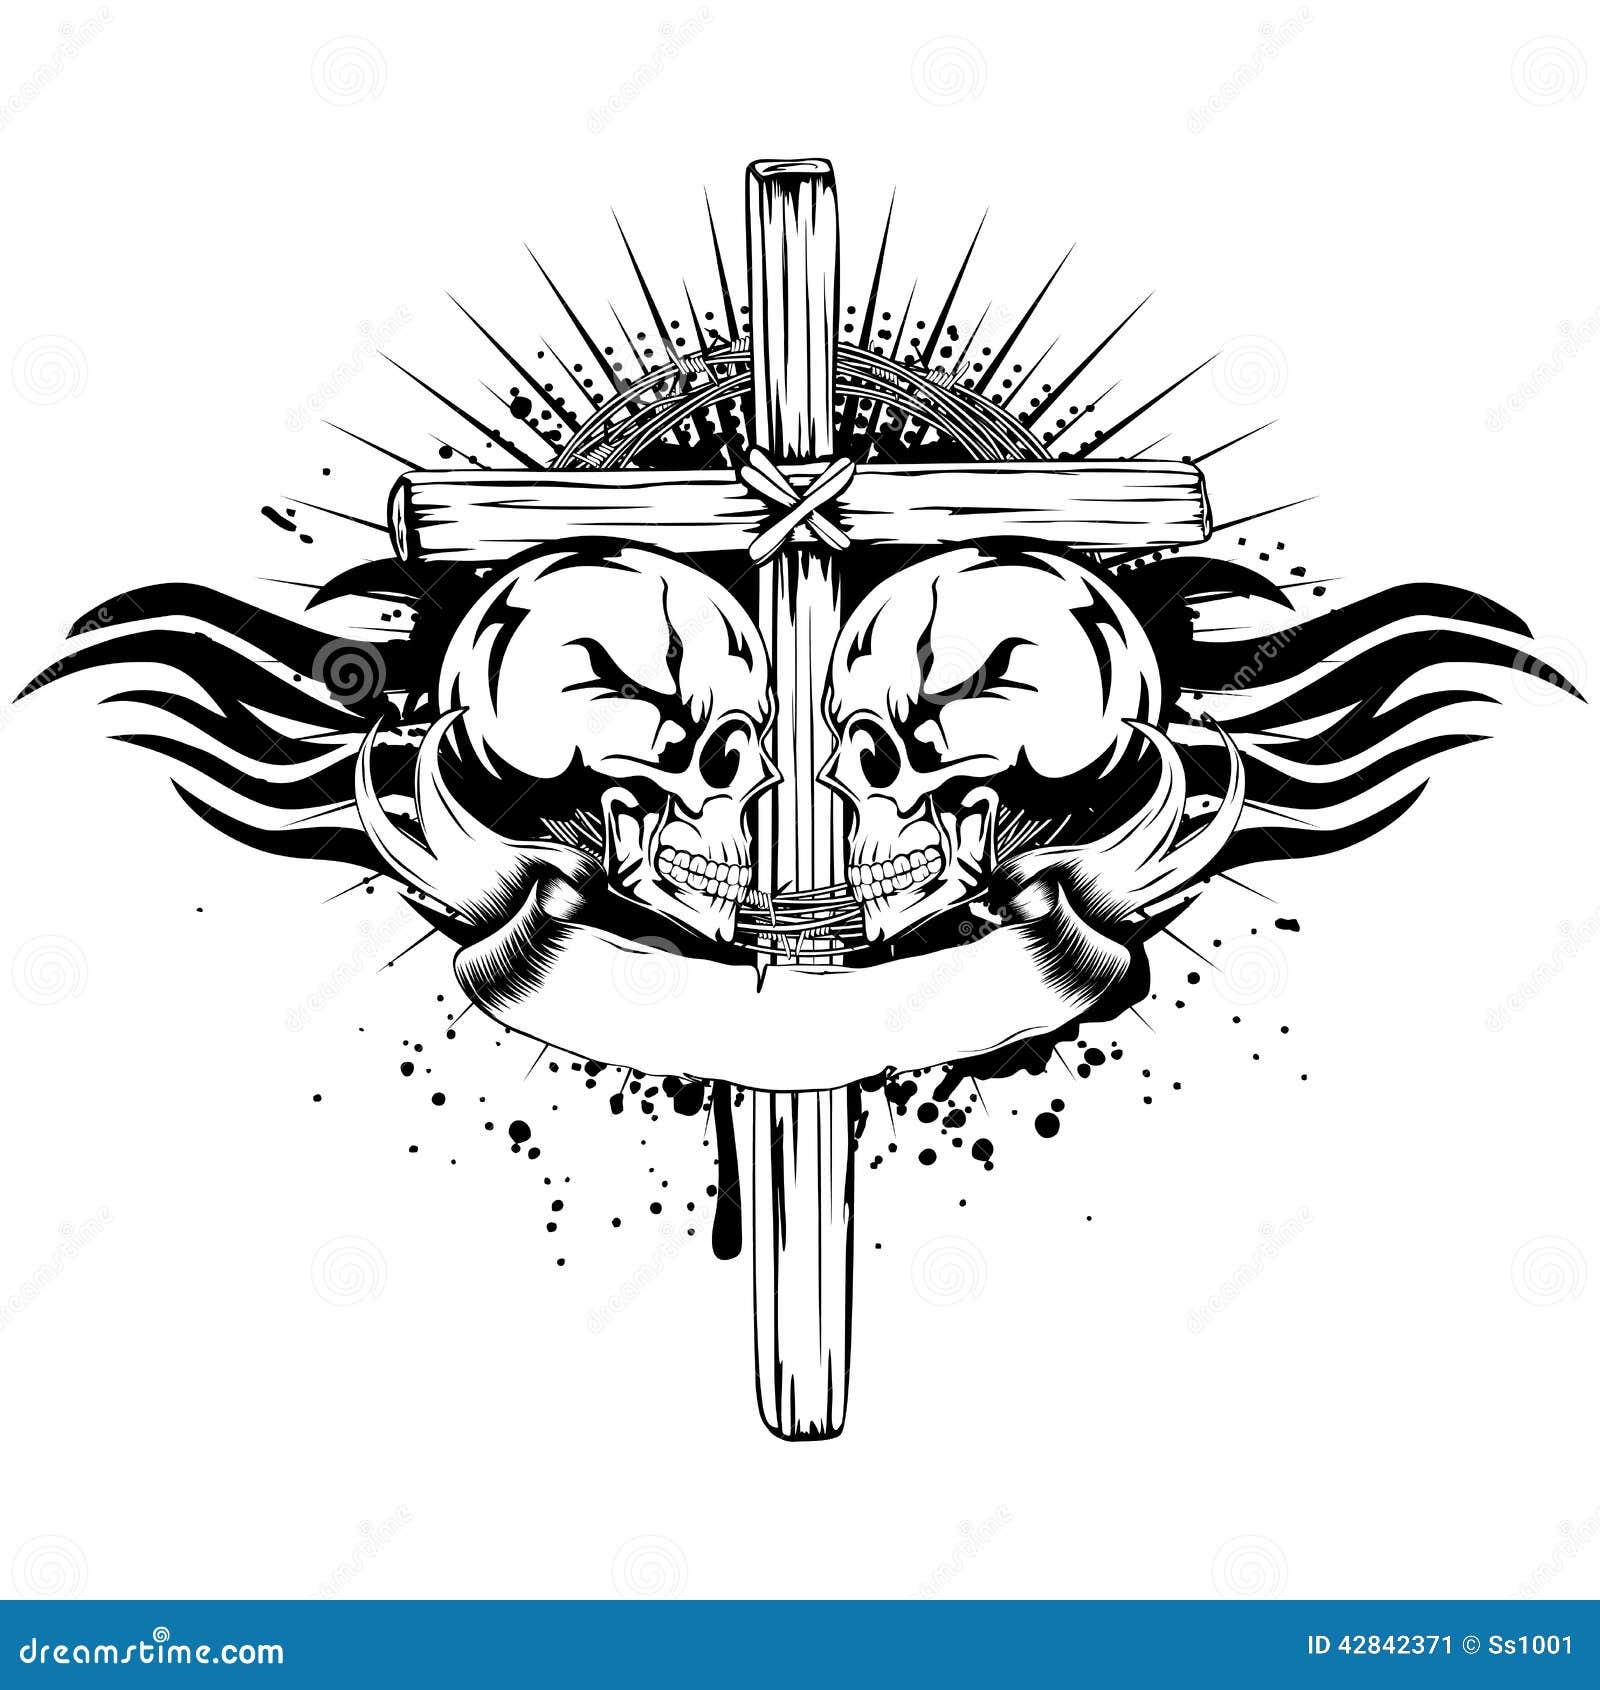 Skulls Cross Tribal Stock Vector Illustration Of Drop 42842371